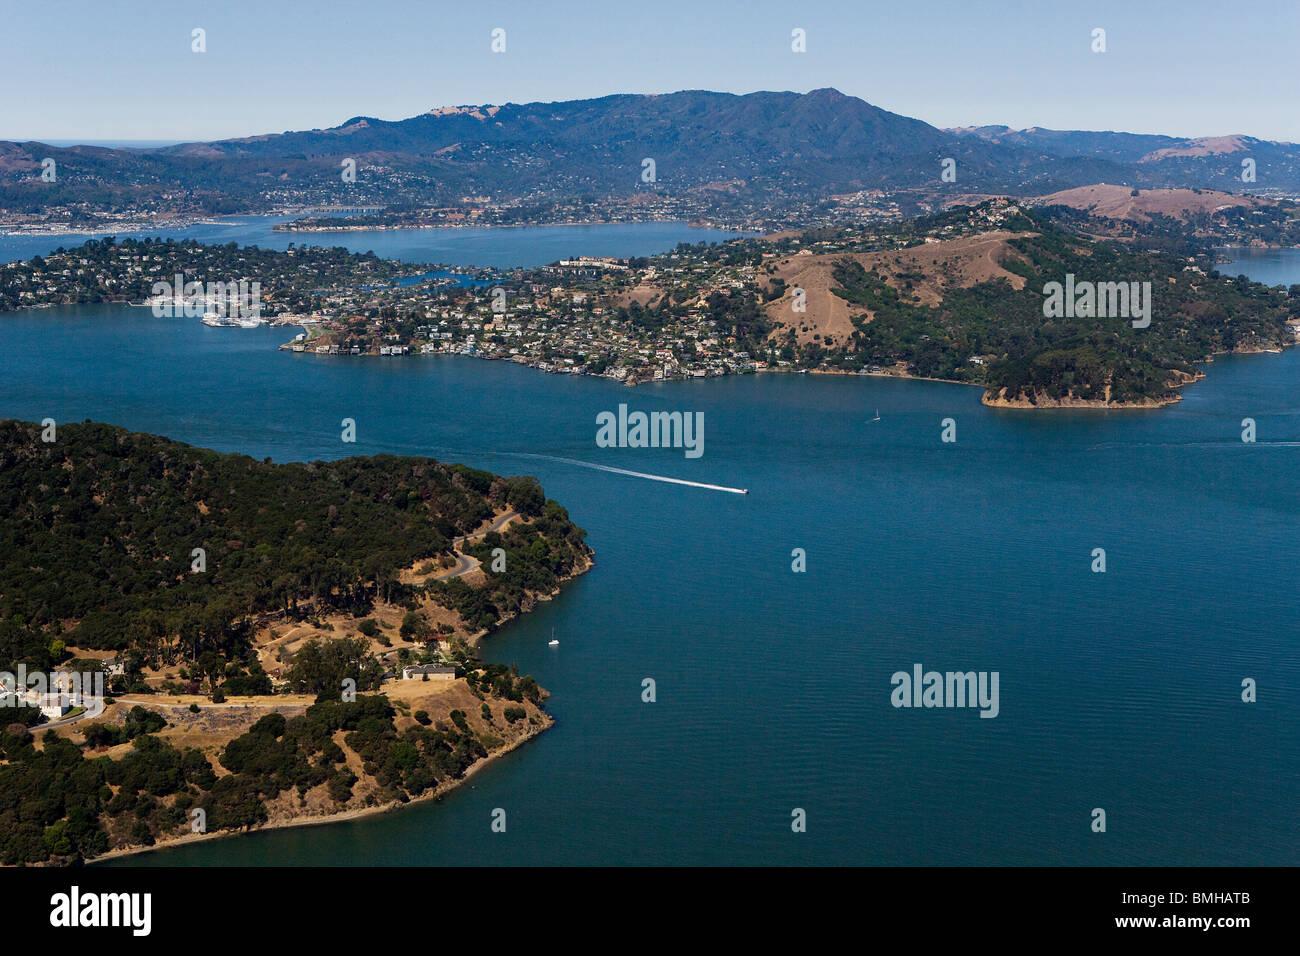 Vue aérienne au-dessus de la baie de San Francisco les quintes raton laveur Tiburon Angel Island Mount Tamalpais Photo Stock